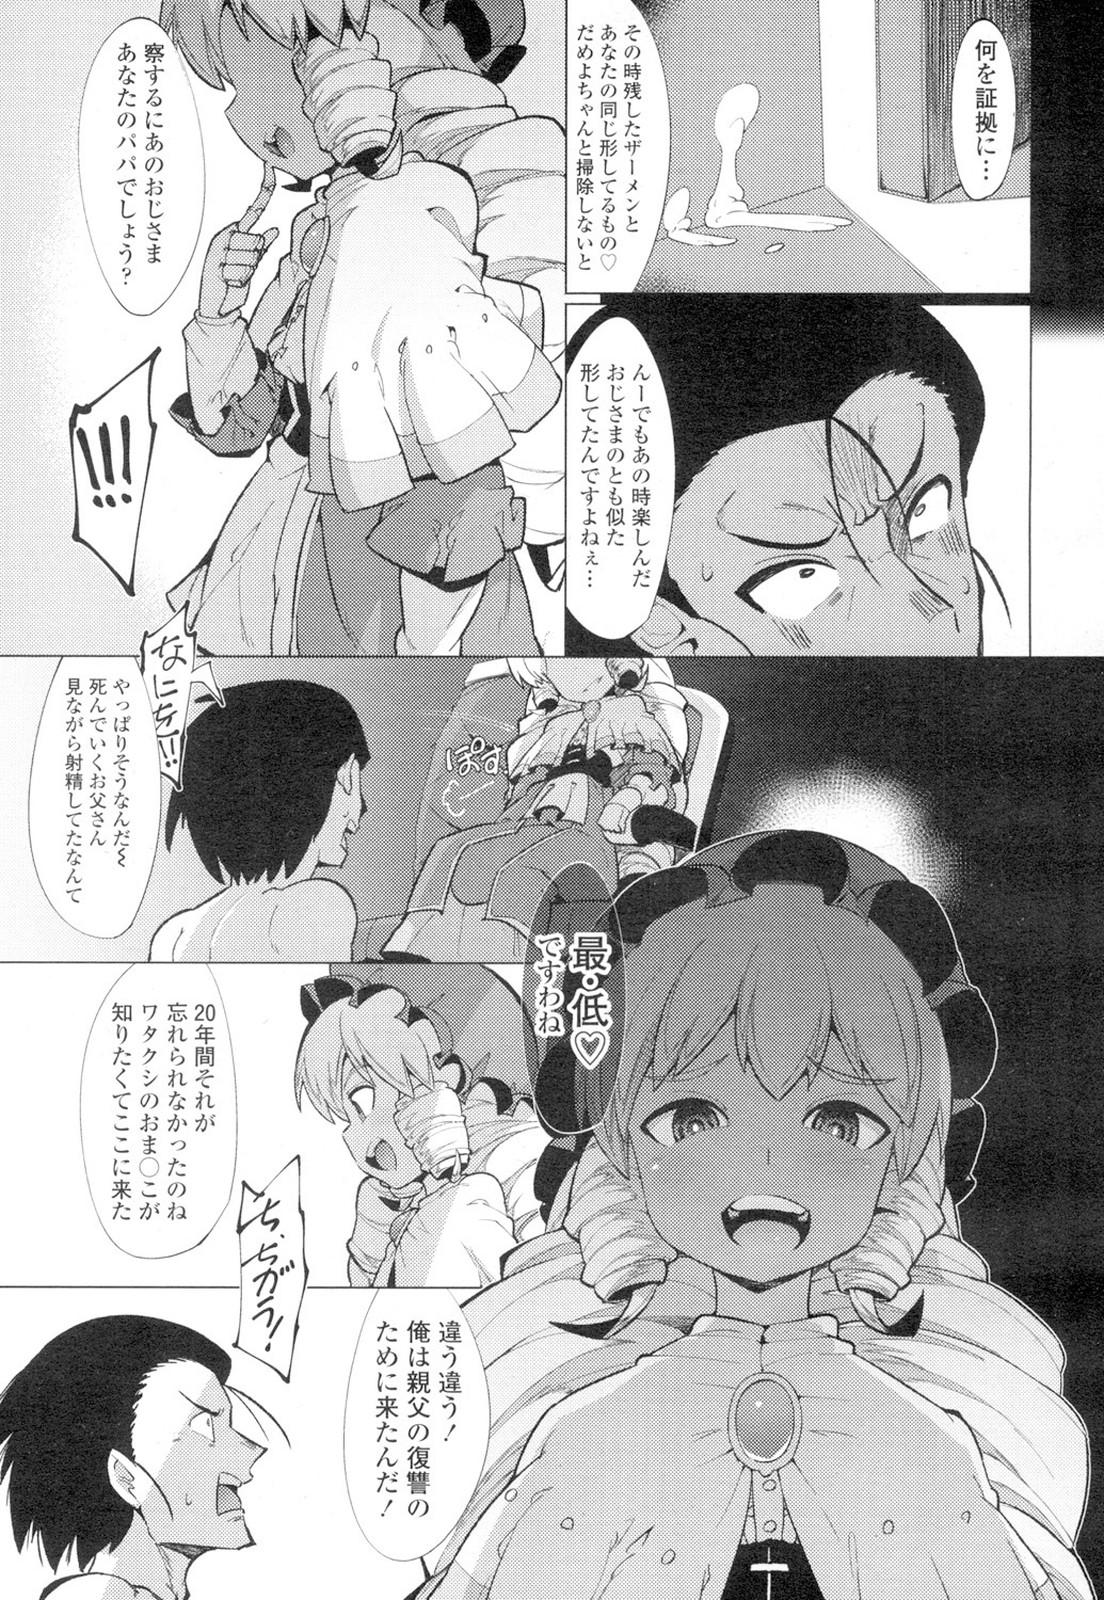 【エロ漫画】美しい呪いの球体関節人形…エクソシストの青年を言葉で操り逆レイプwww【えもんず:人形のお人形】